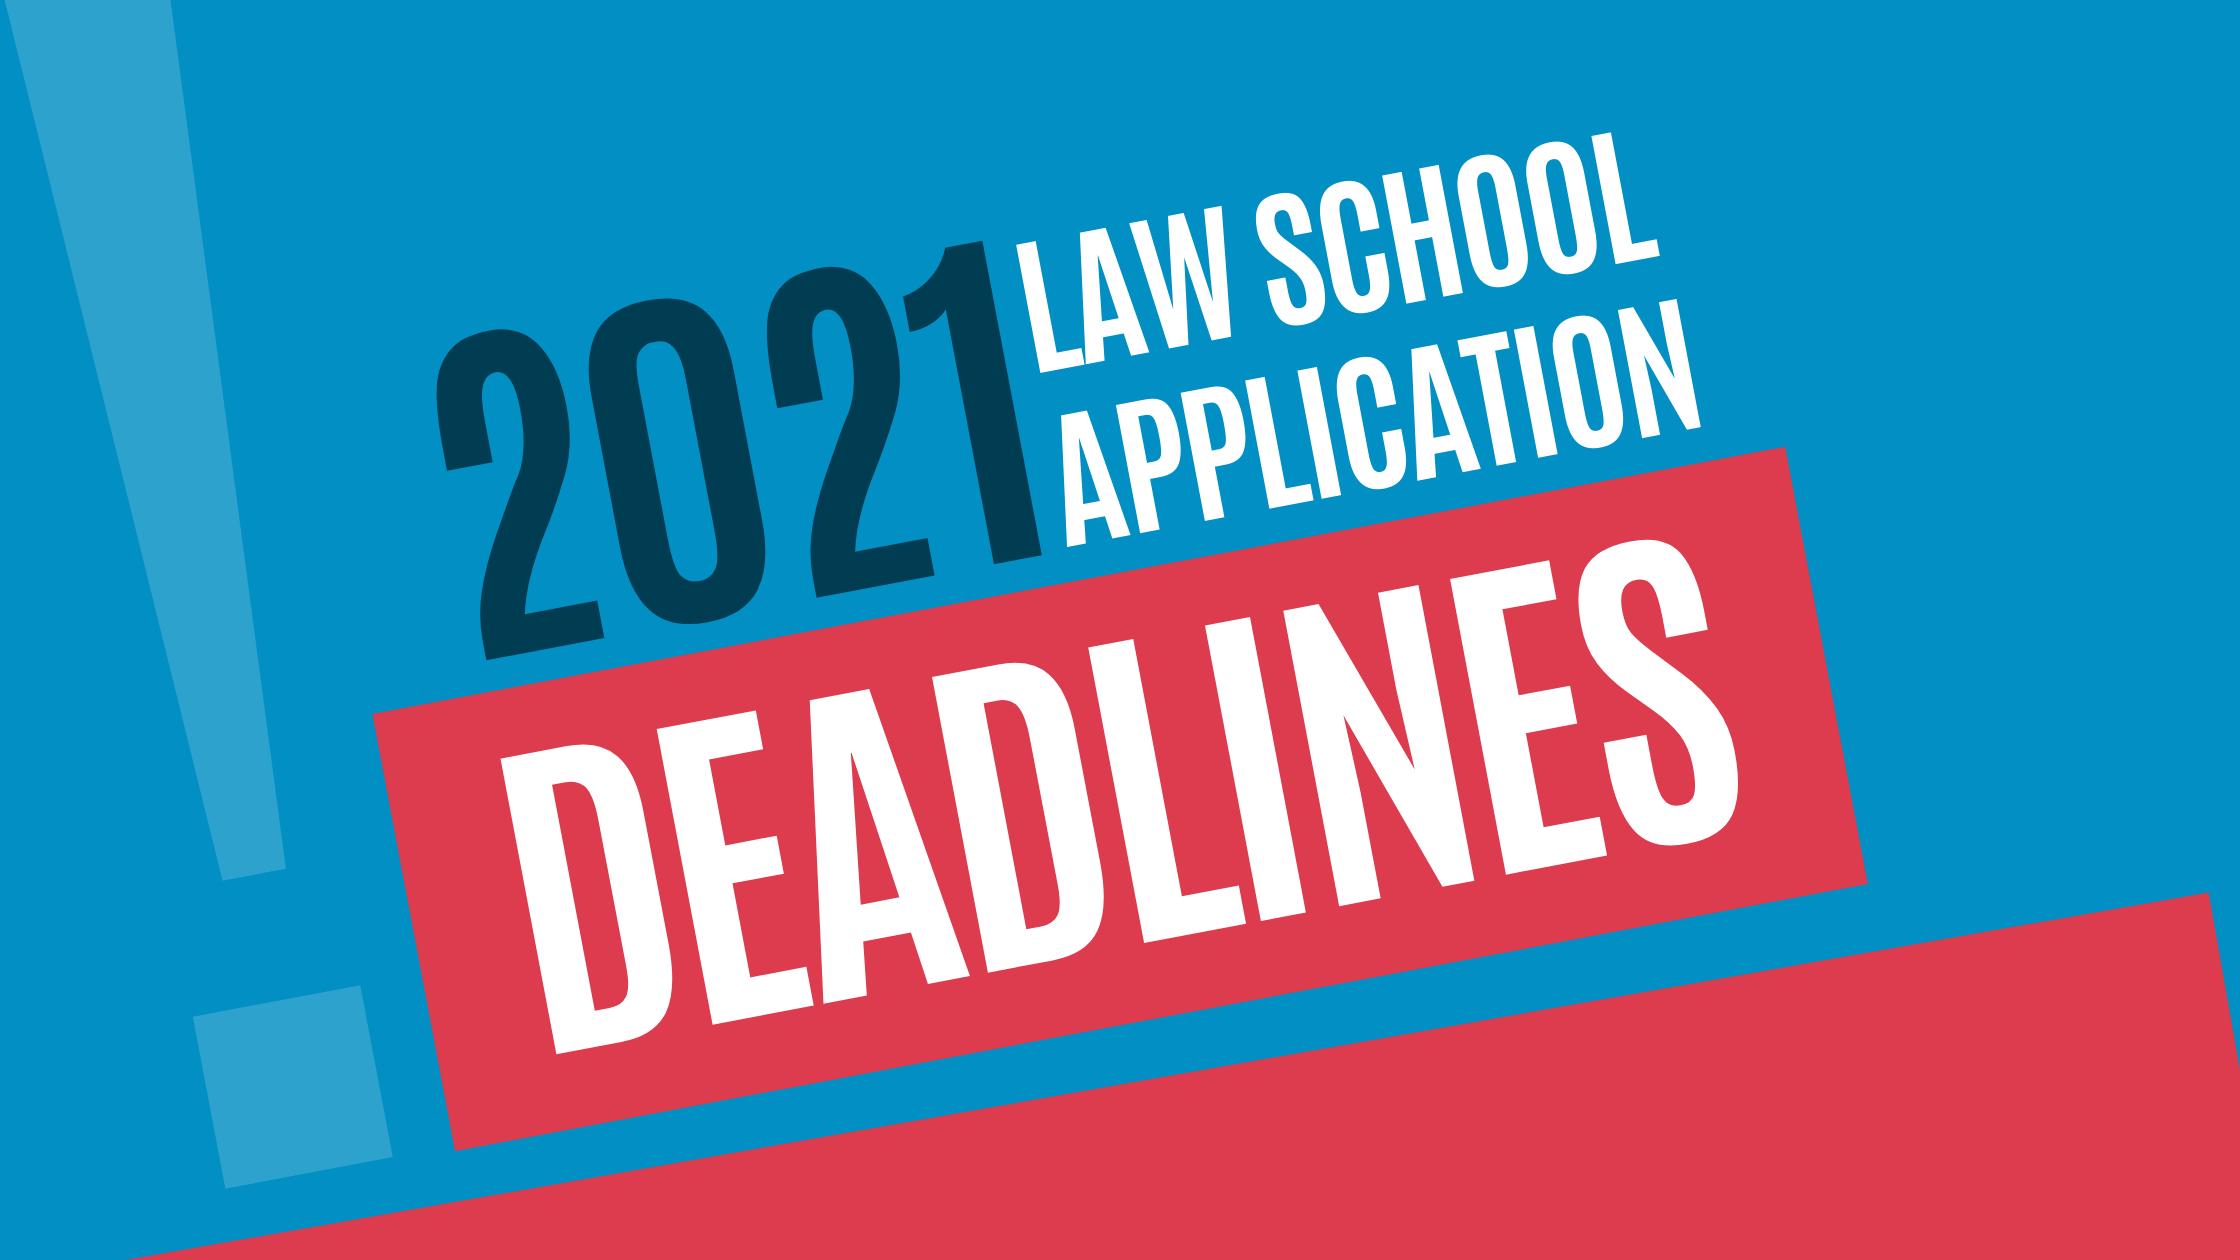 Cornell 2022 23 Calendar.Law School Application Deadlines 2021 2022 Lawschooli